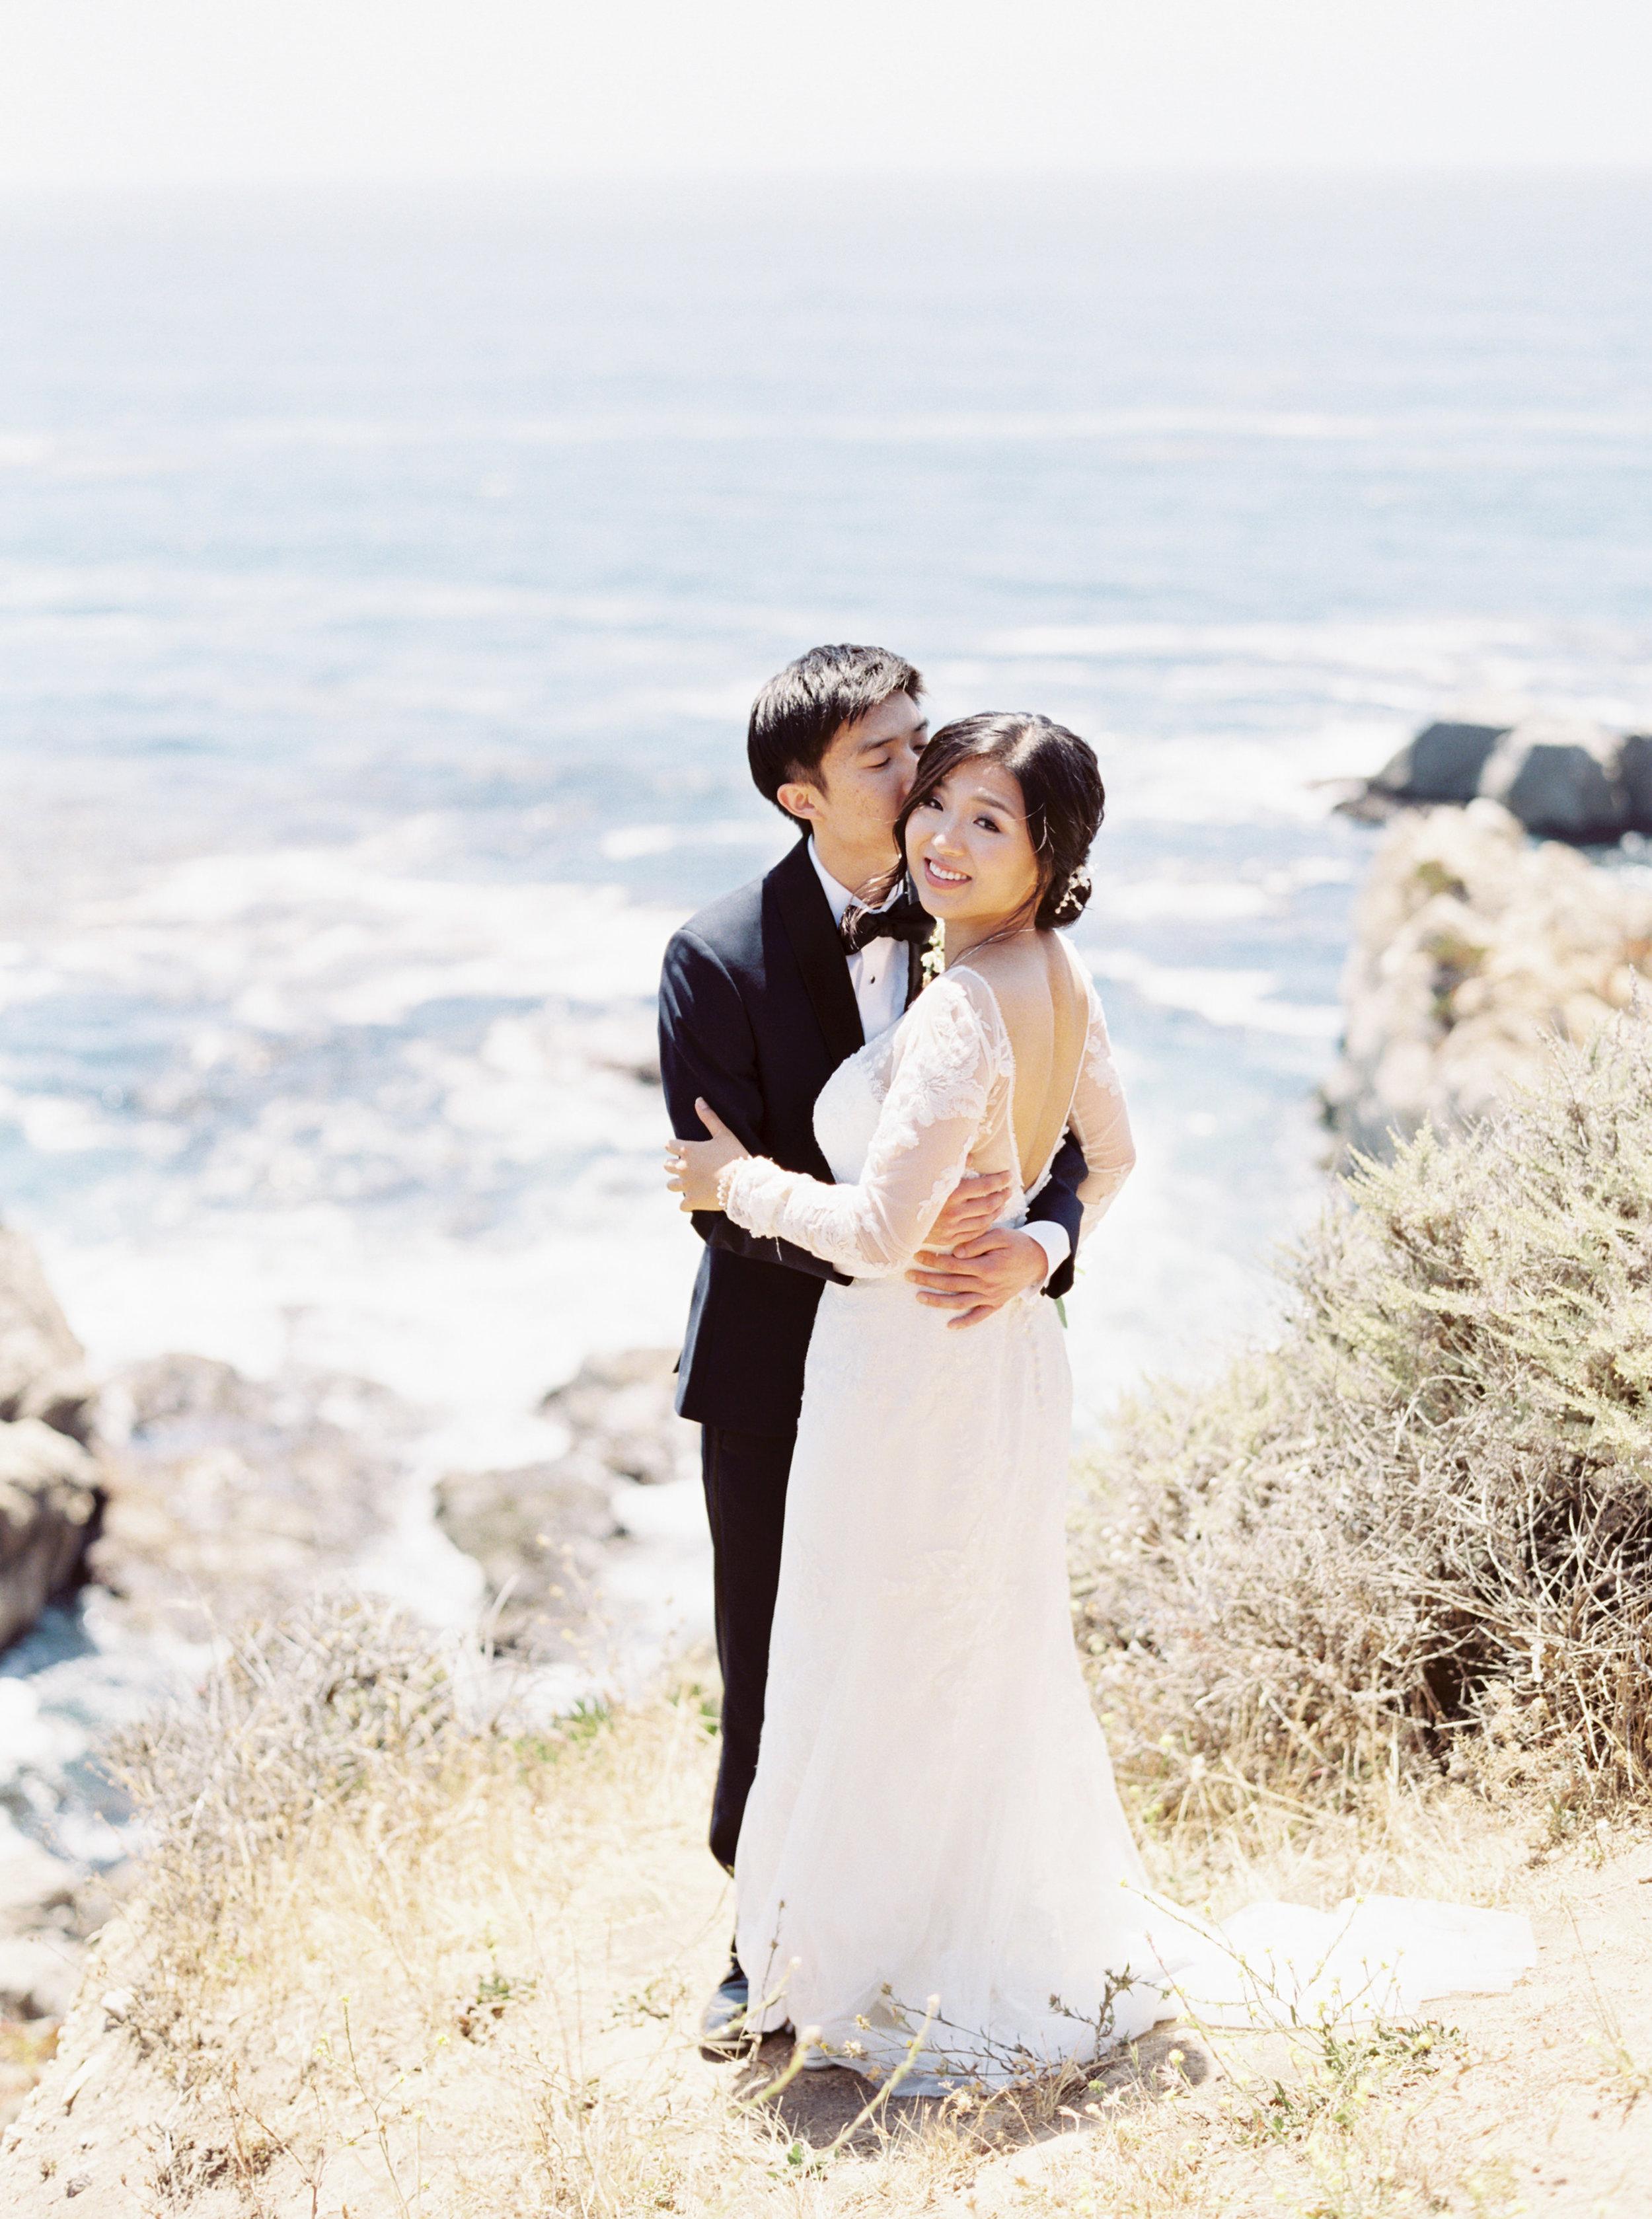 carmel-wedding-at-wedgewood-carmel-california-22.jpg